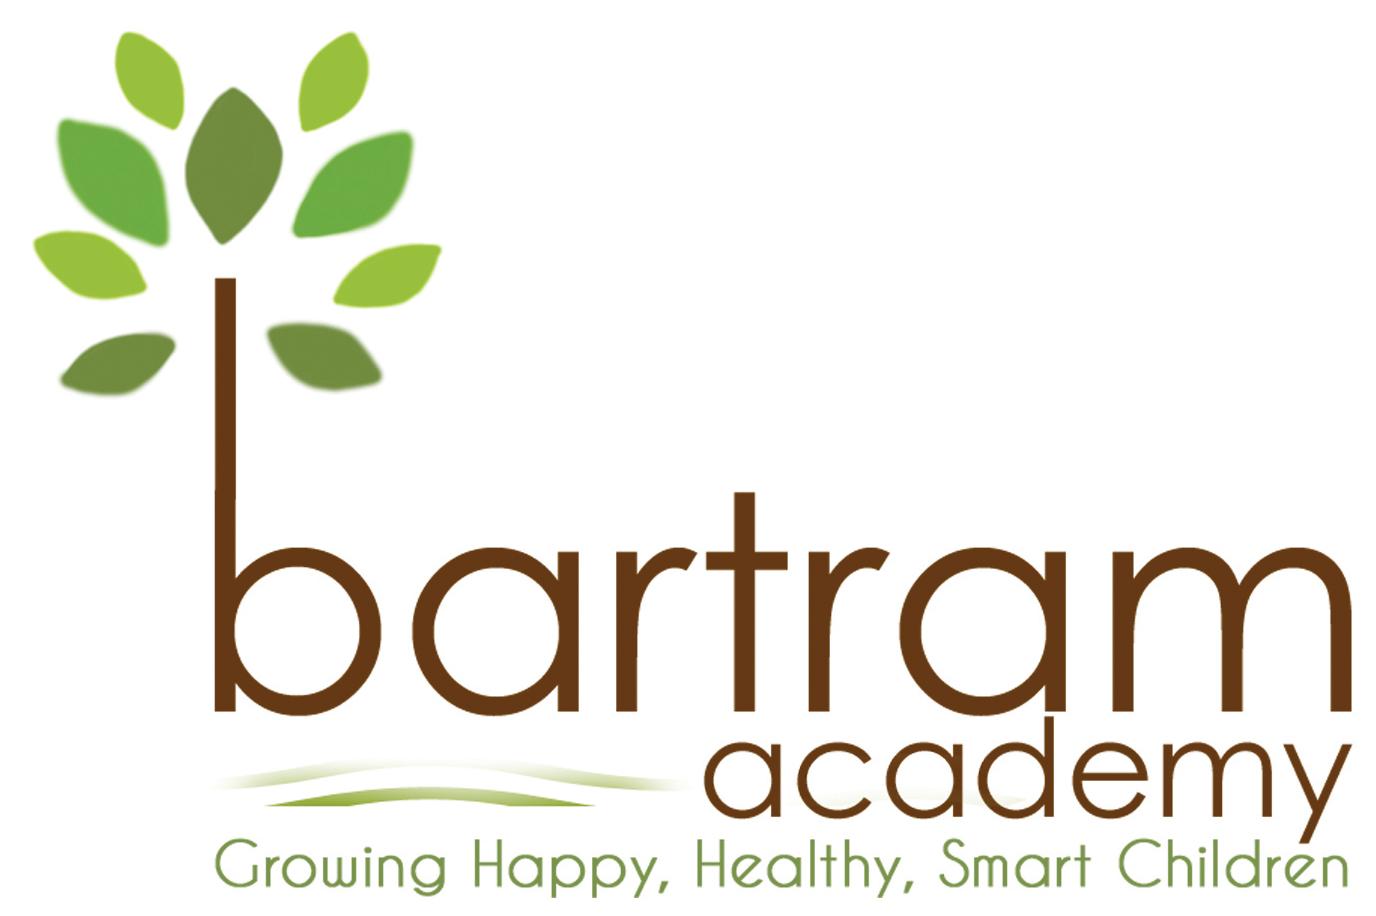 Bartram-Academy